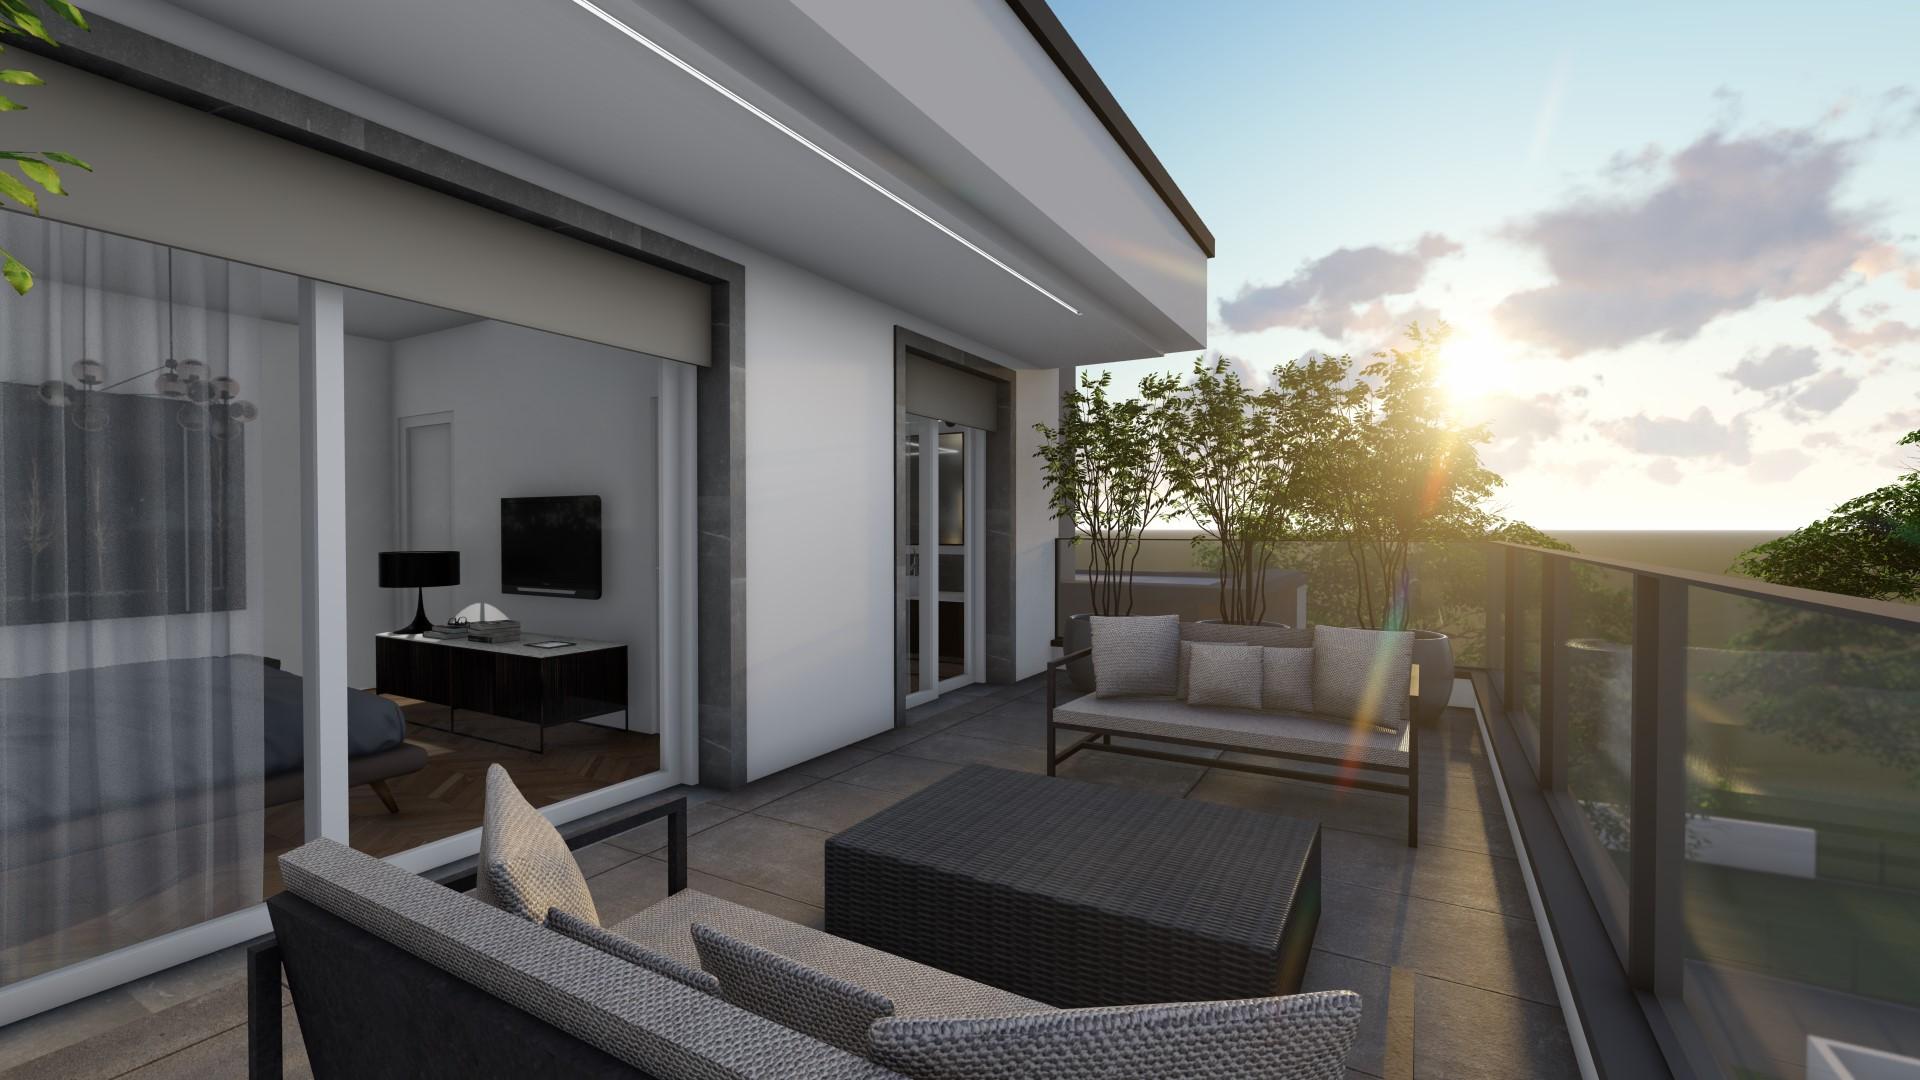 appartamenti in vendita Treviglio - terrazzo